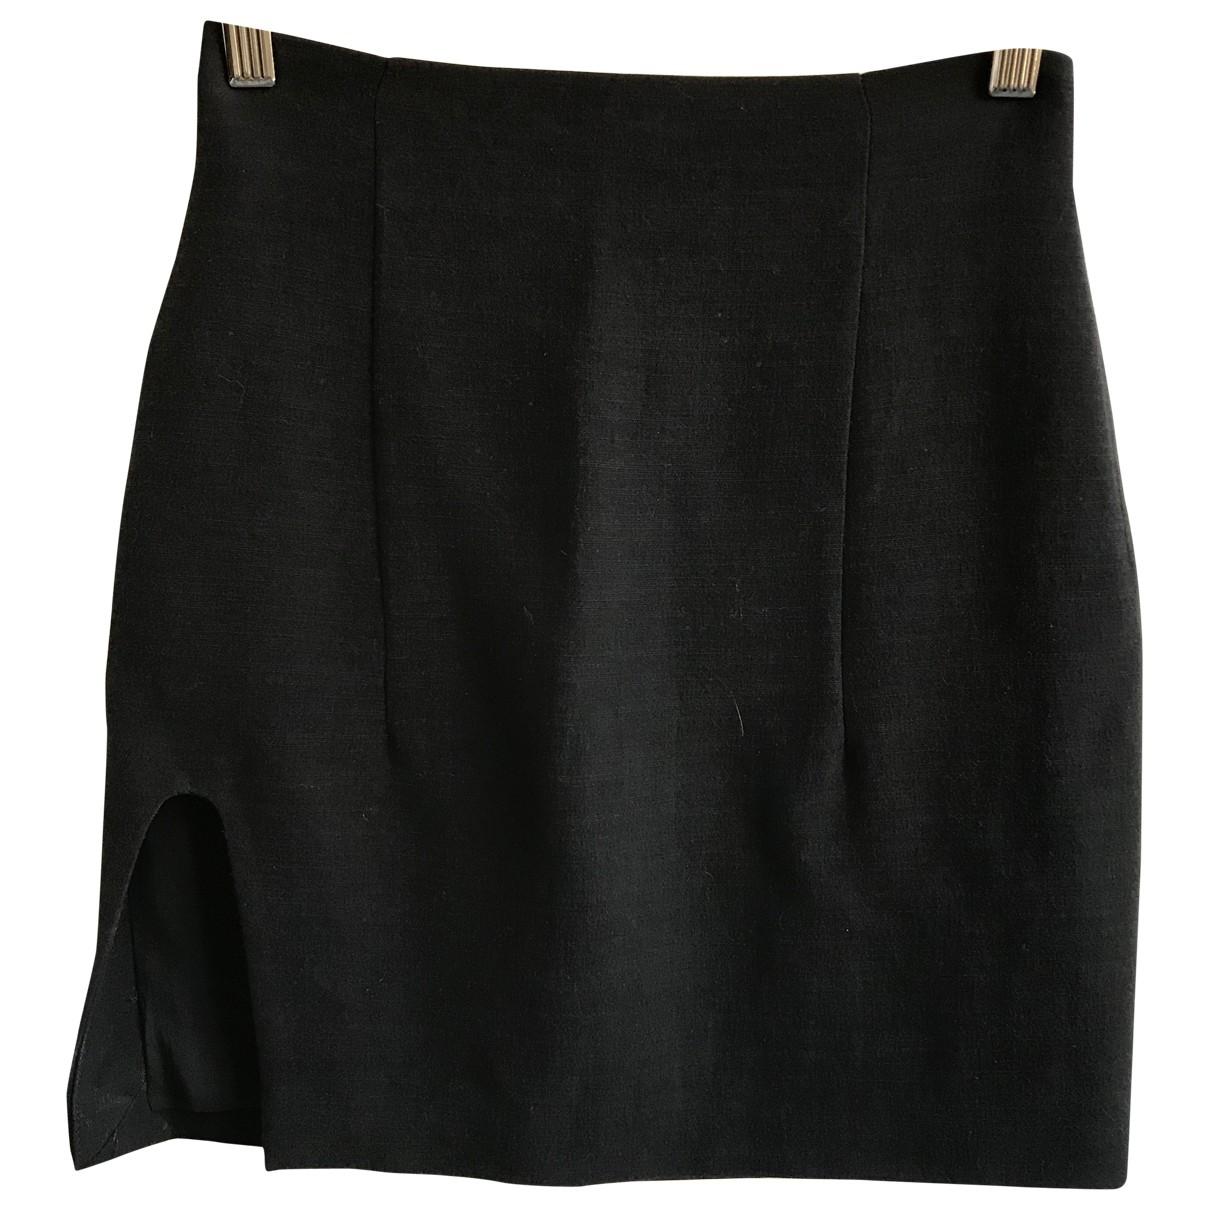 Zara \N Black skirt for Women XS International